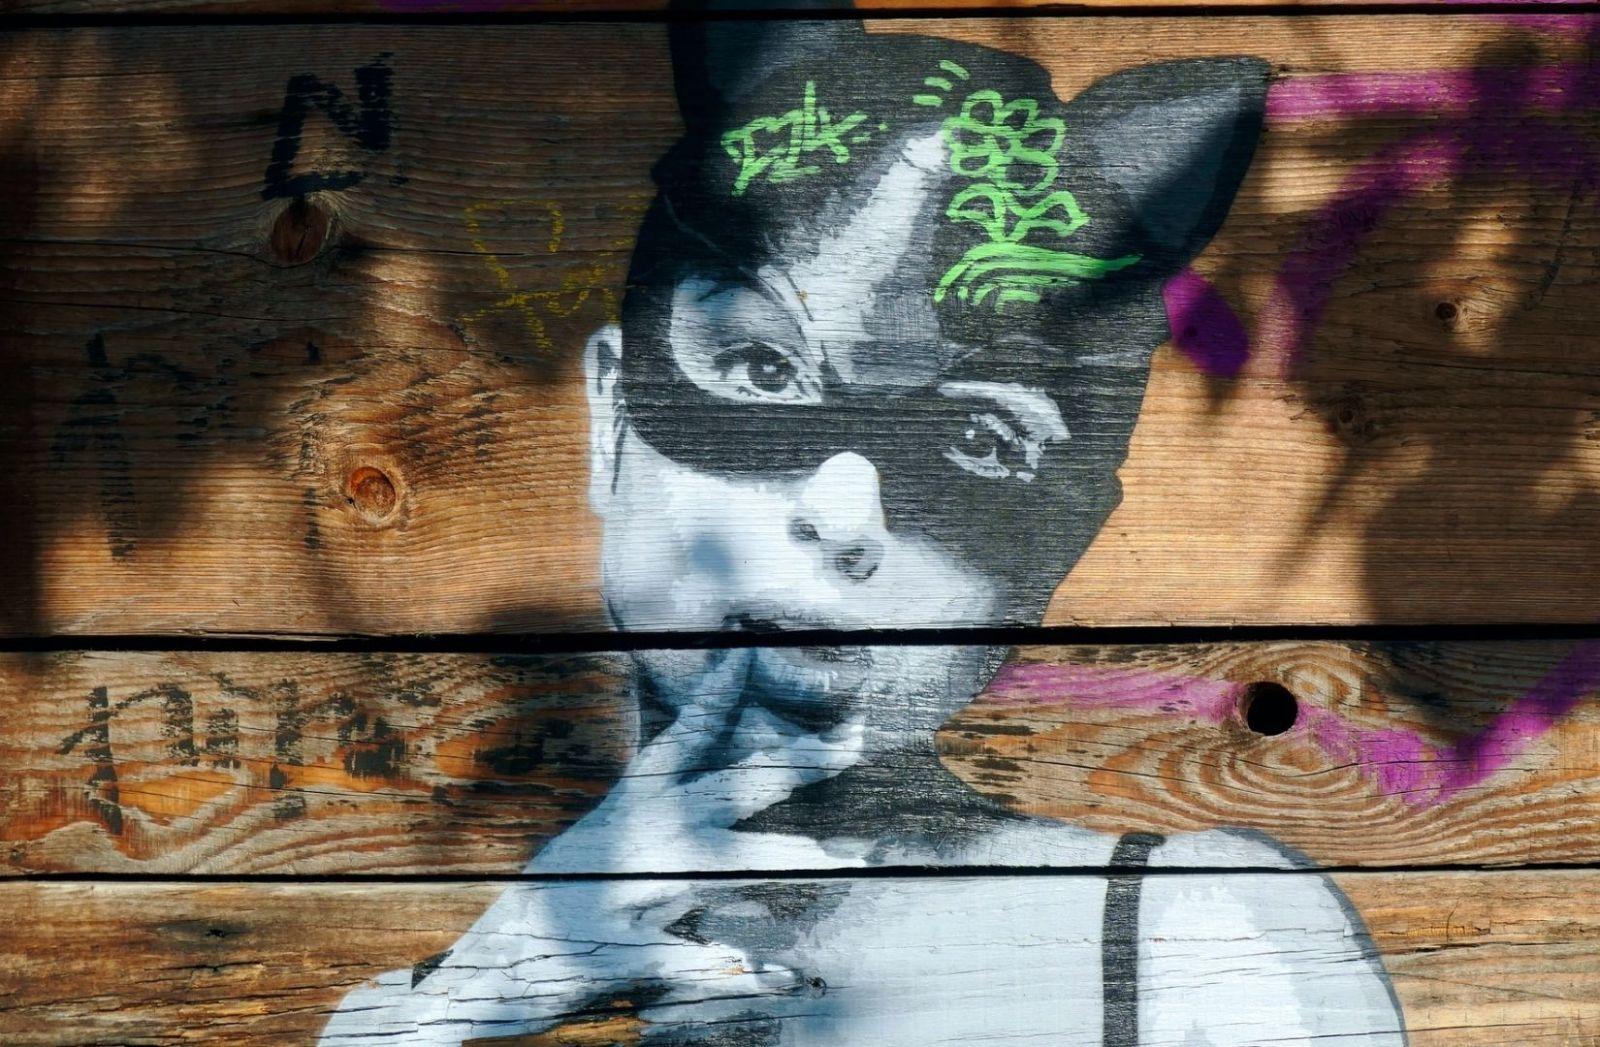 Die Selbstgerechten vollenden sich in der Individualität. (Foto: Bekky Bekks, Unsplash.com)